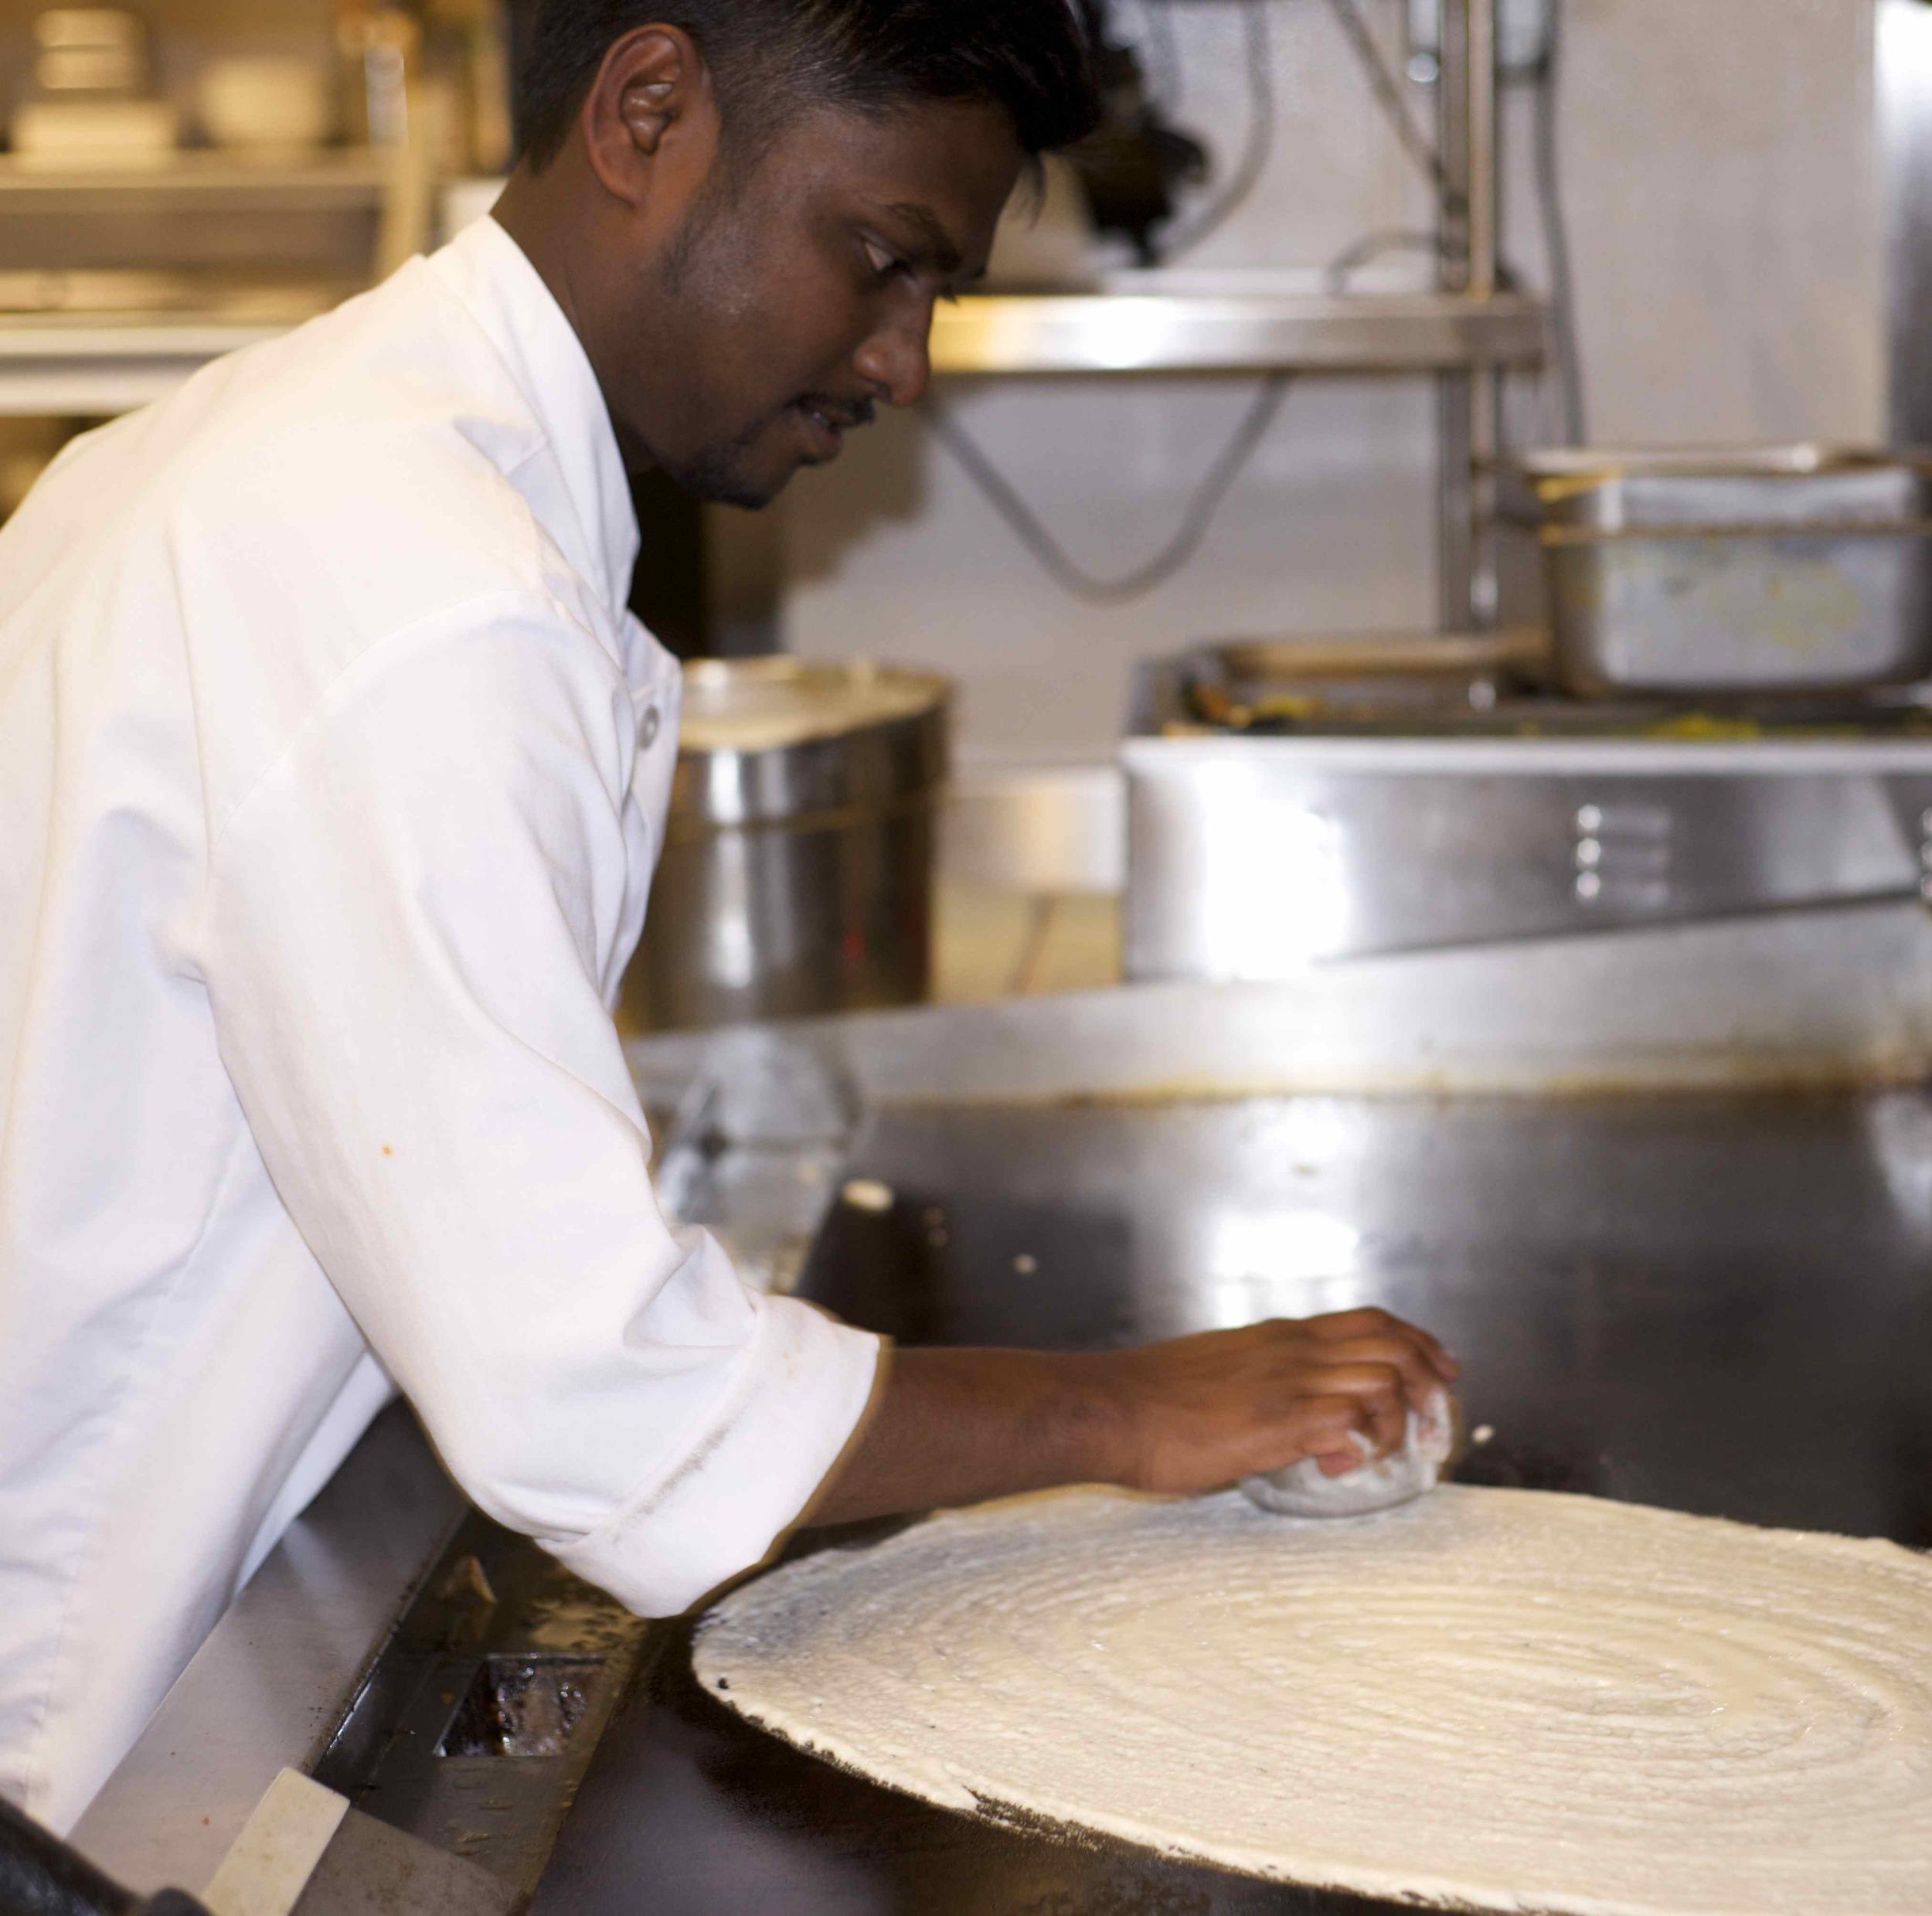 Chef Vijay Kumar demonstrating Dosa's specialty dish - the dosa.